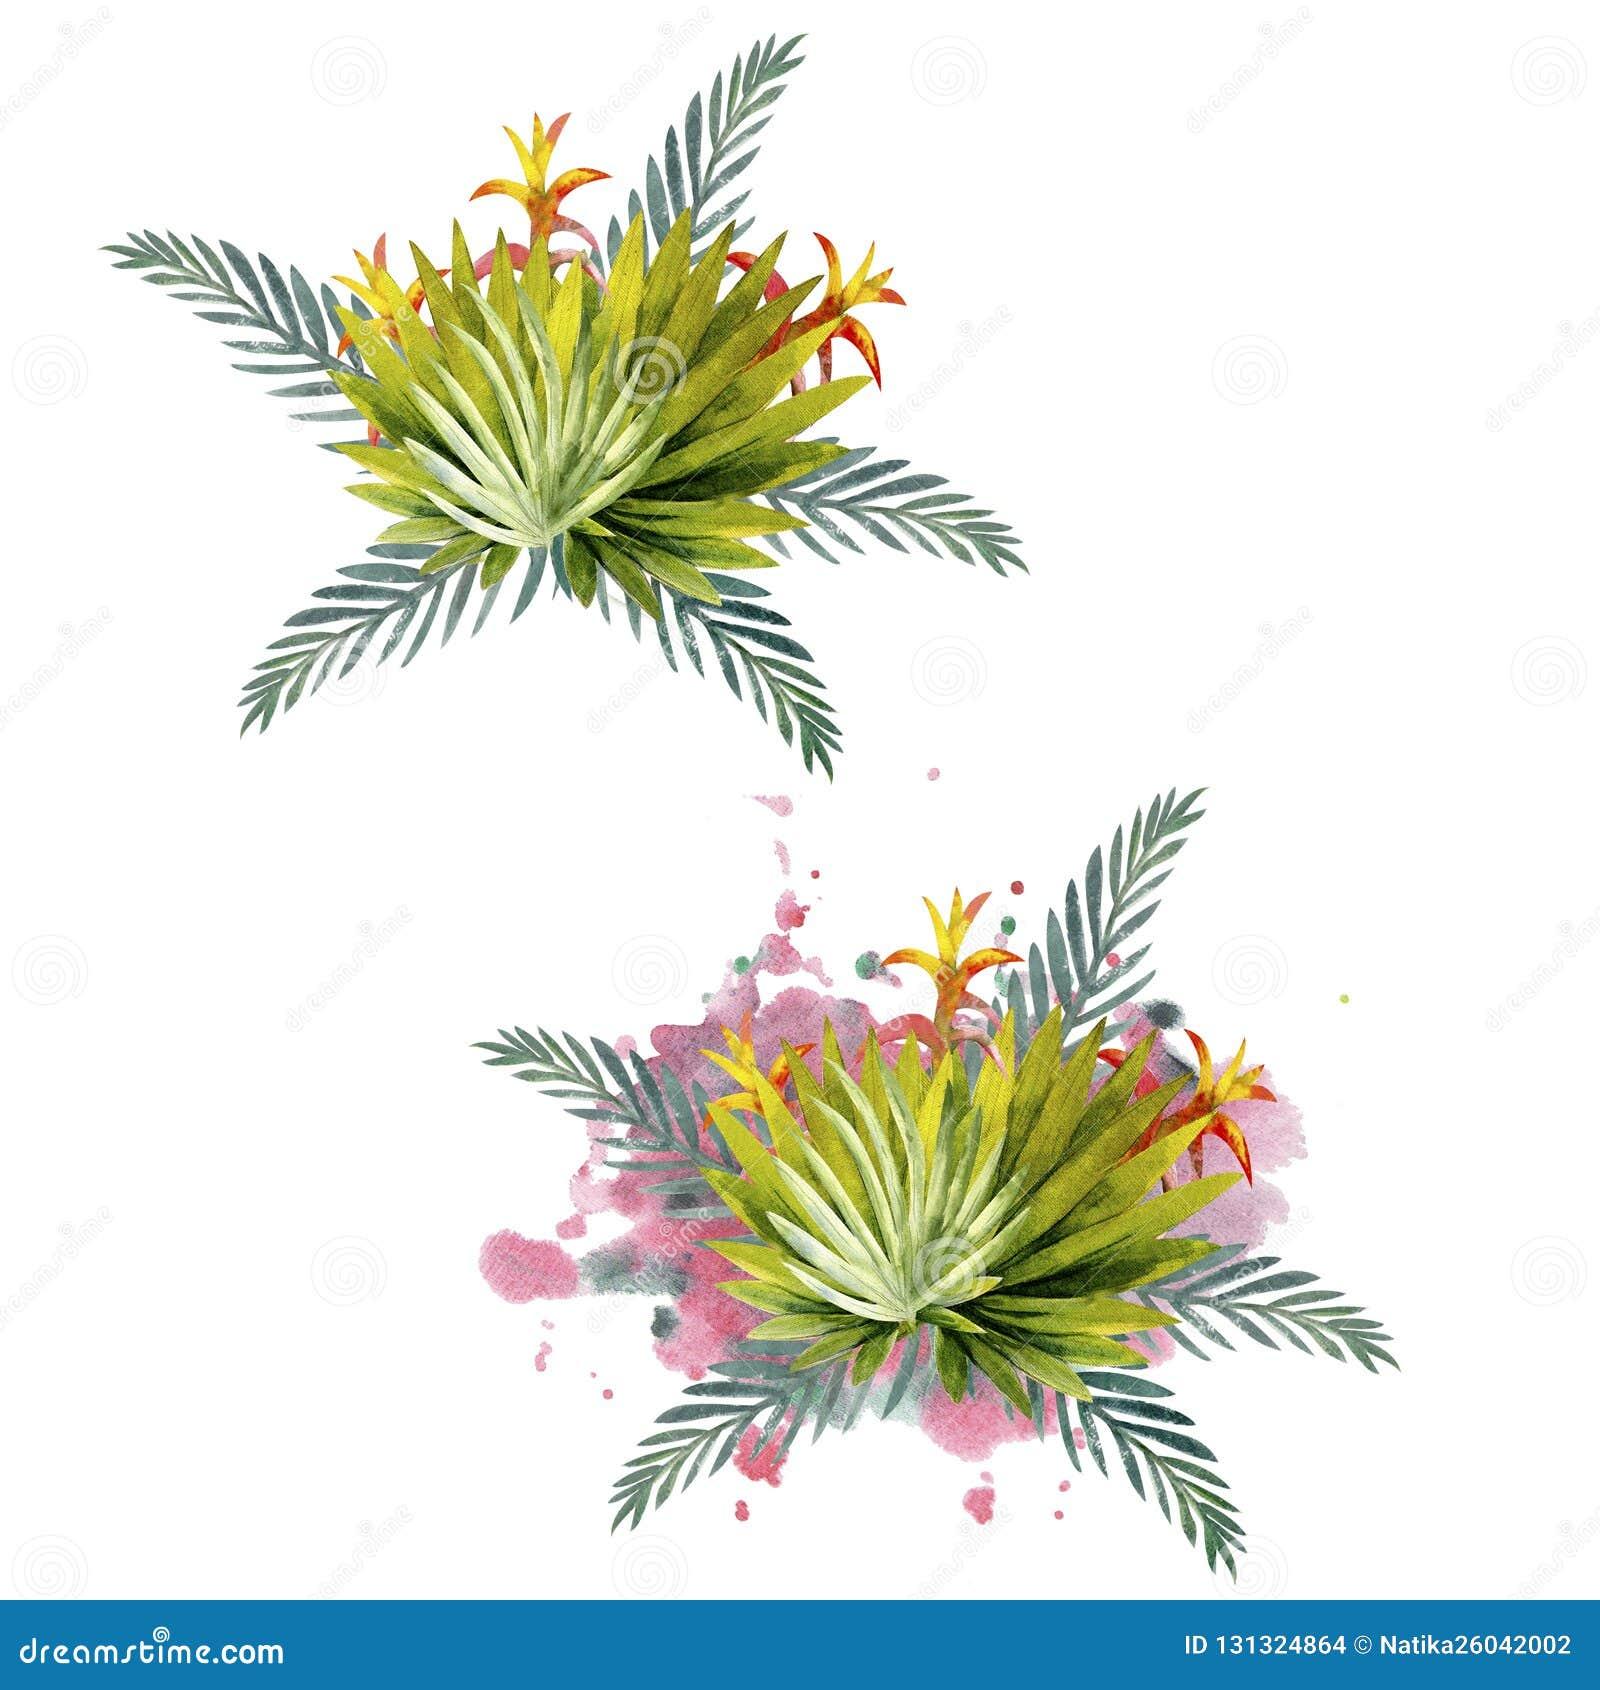 Composition des feuilles tropicales multicolores Pour des invitations, des cartes de voeux et des papiers peints watercolor